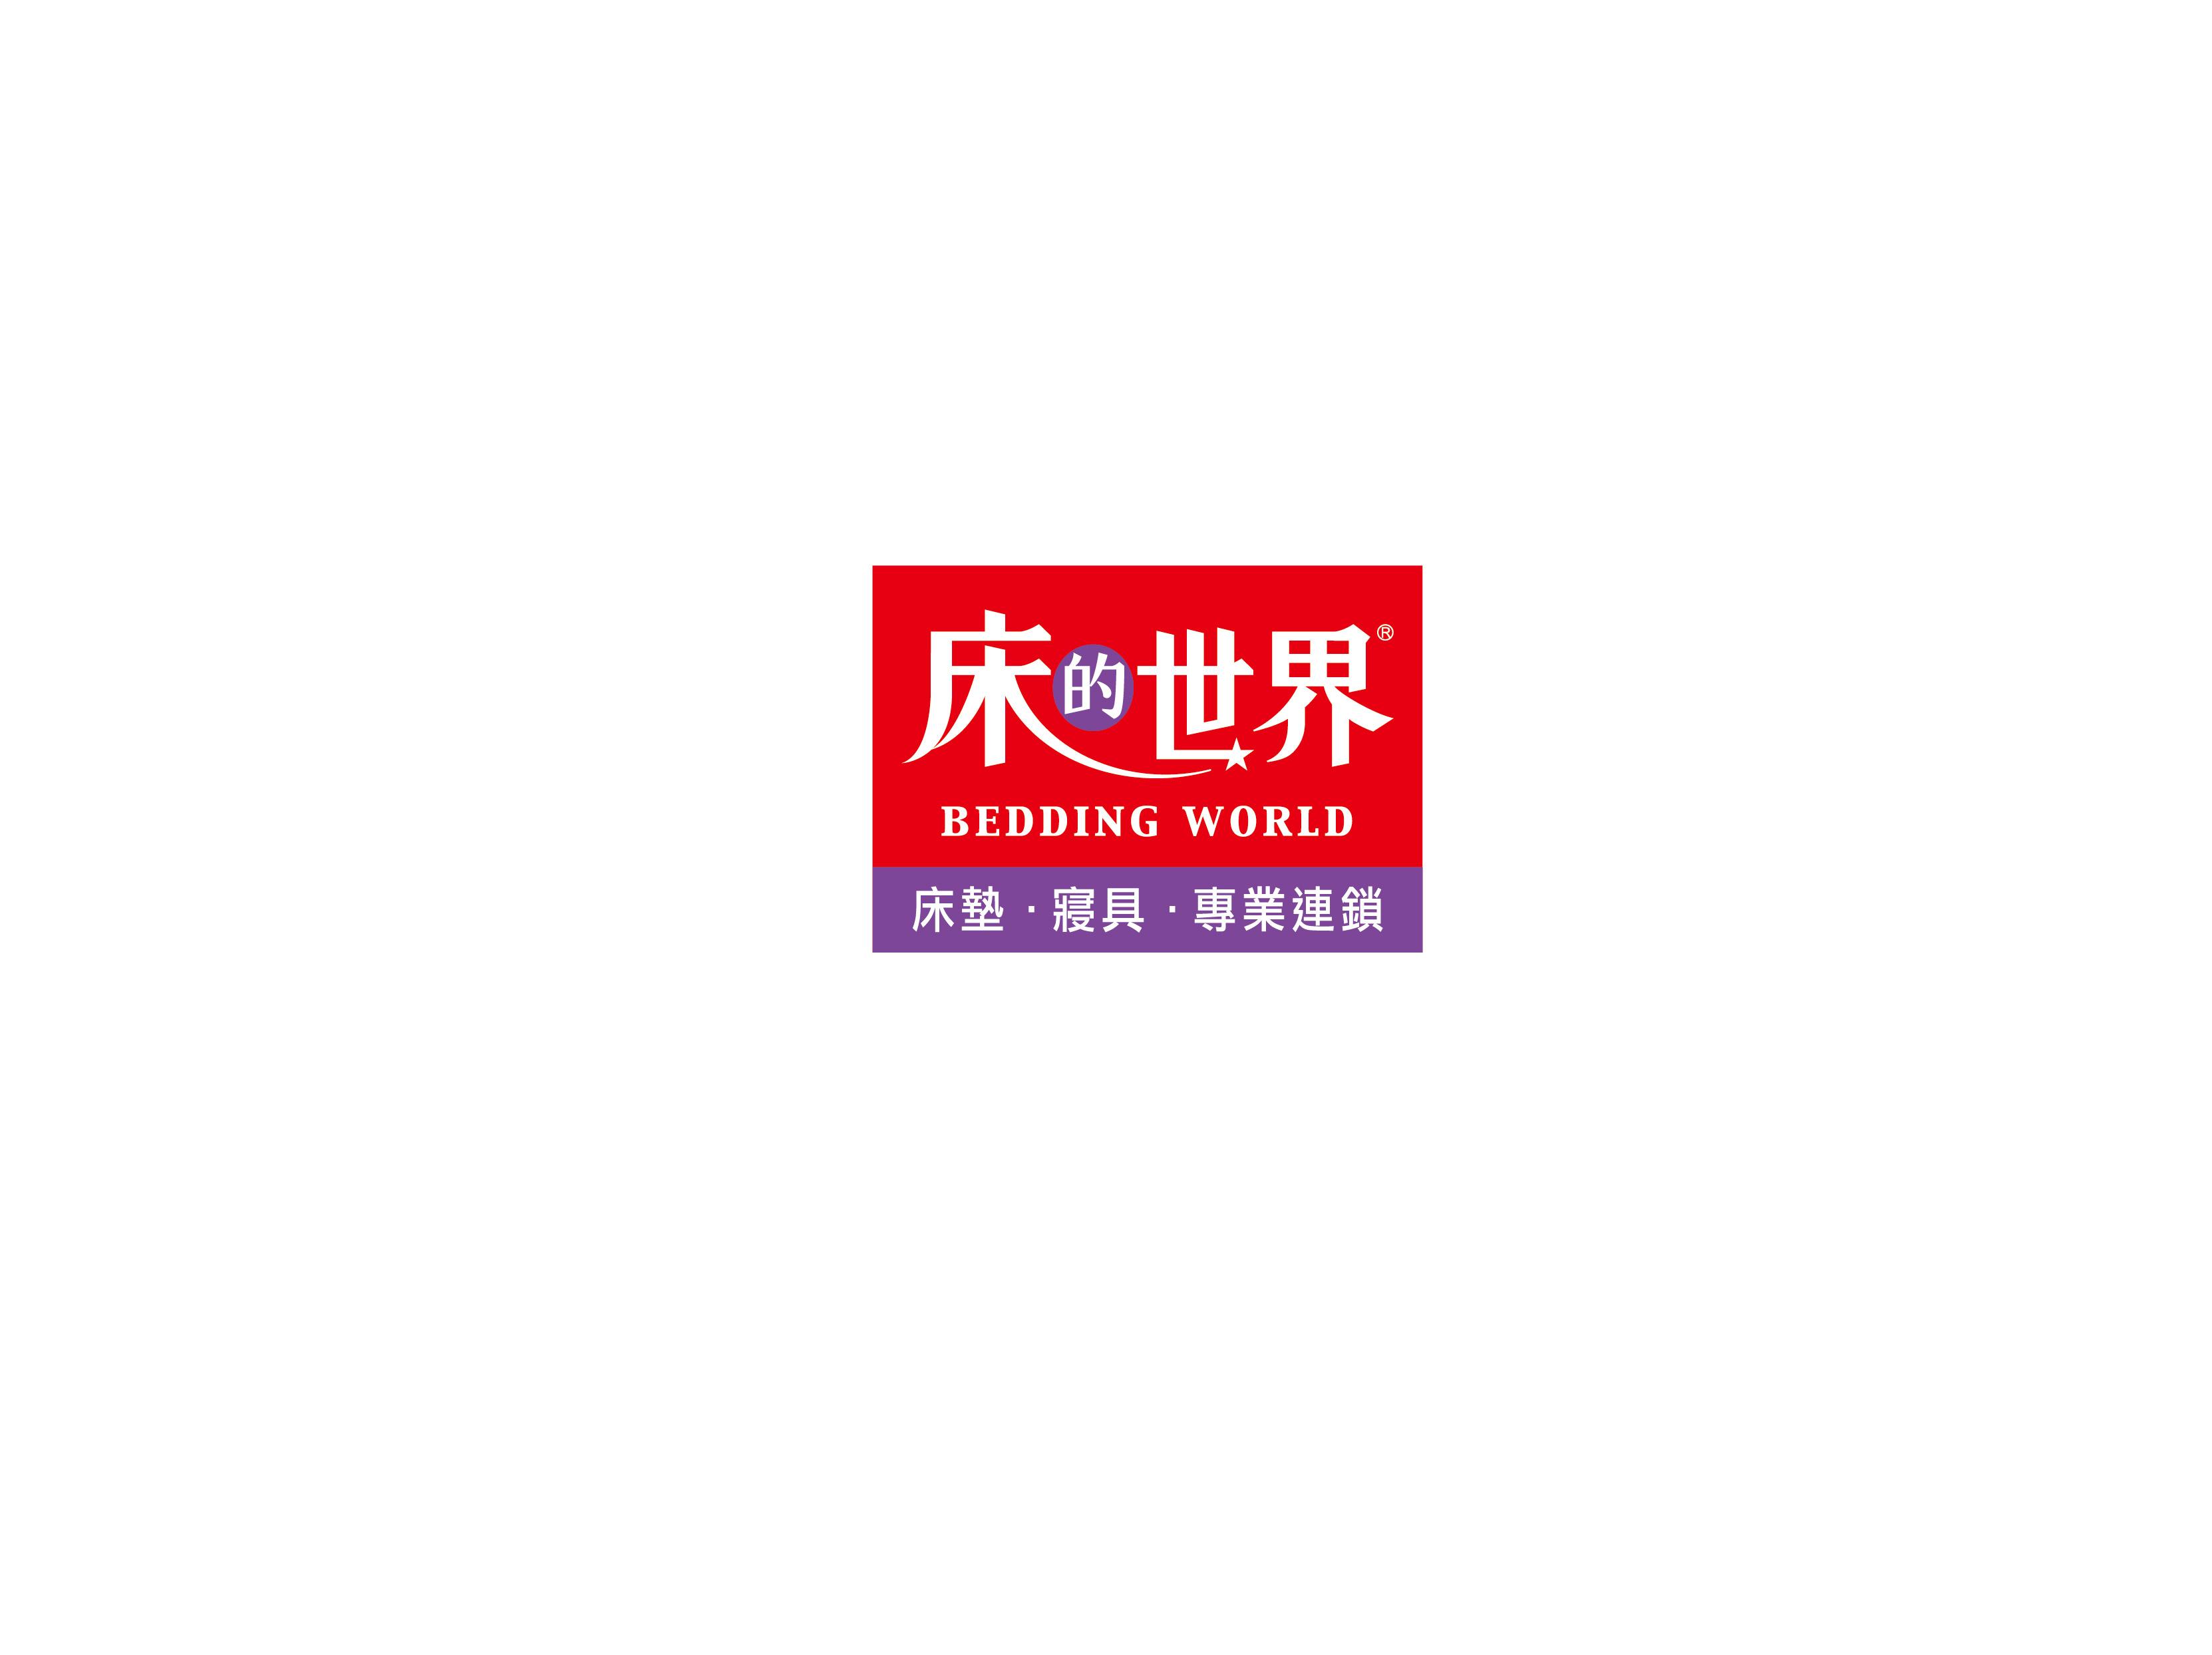 床的世界股份有限公司-2018中国国际福祉博览会暨中国国际康复博览会